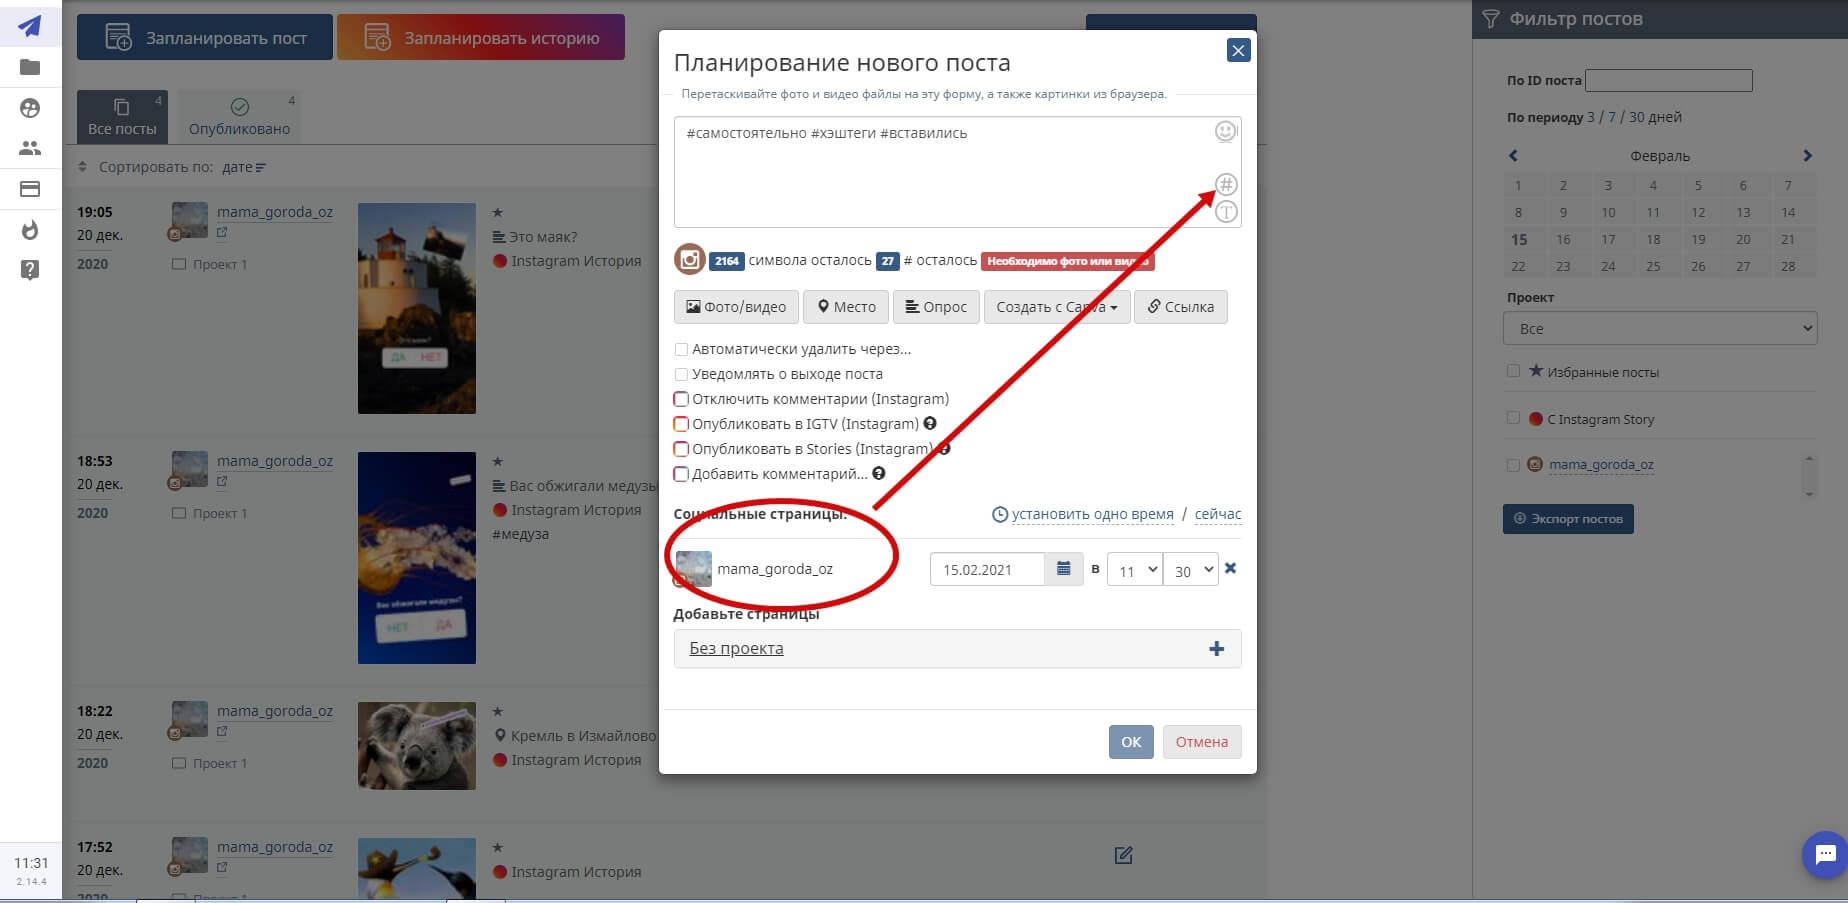 Чтобы пост опубликовался с хэштегами и подписями, нажмите на соответствующие кнопки в окне планирования поста